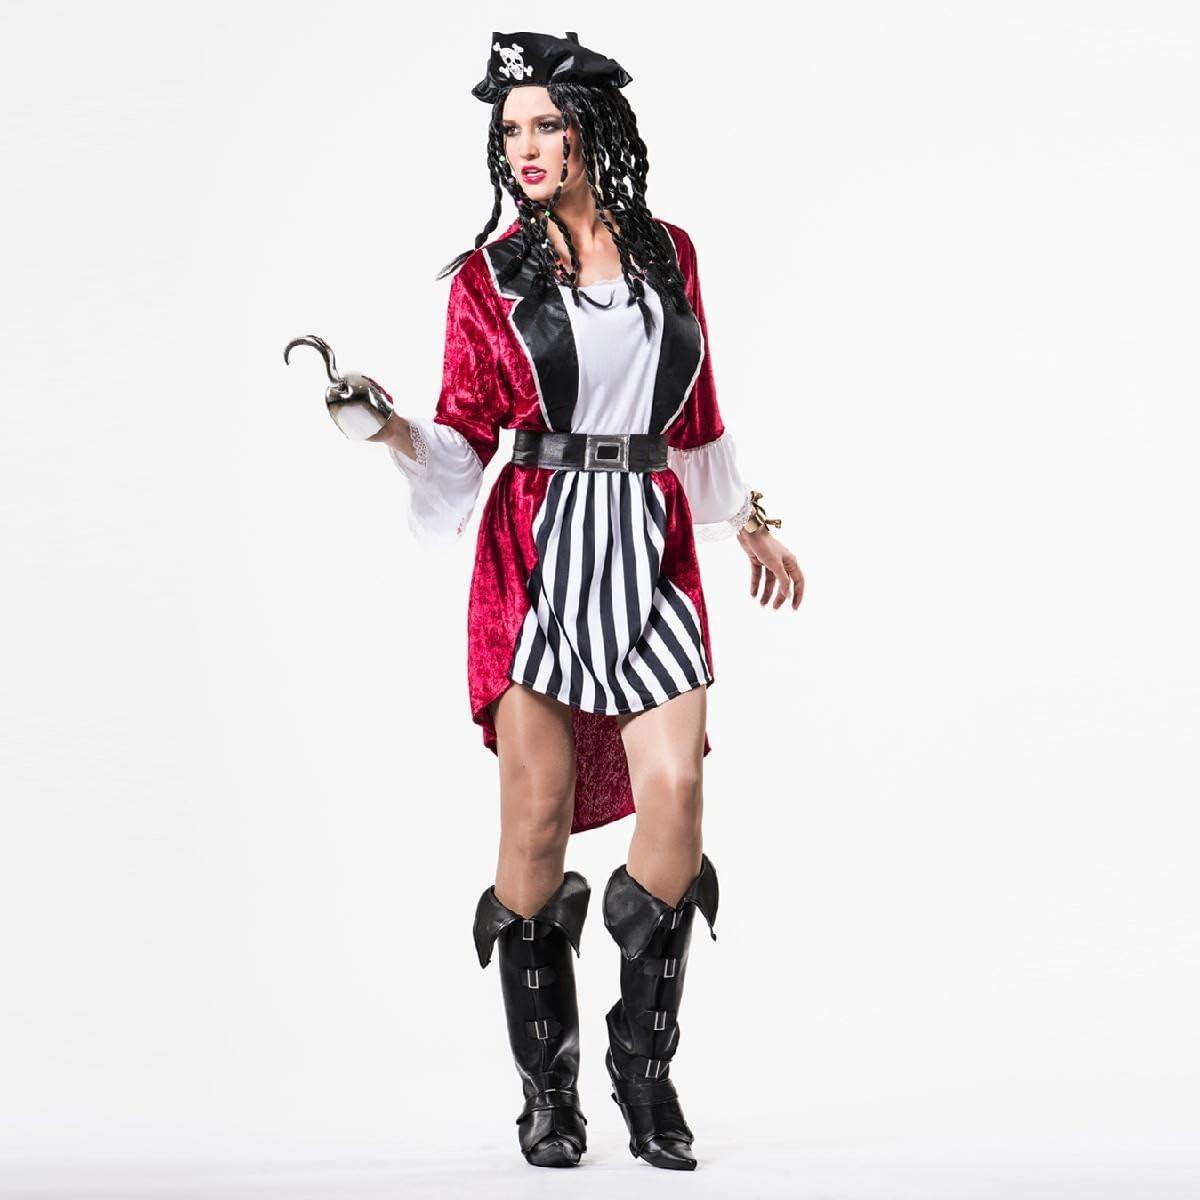 Disfraz de Pirata a Rayas para mujer: Amazon.es: Juguetes y juegos